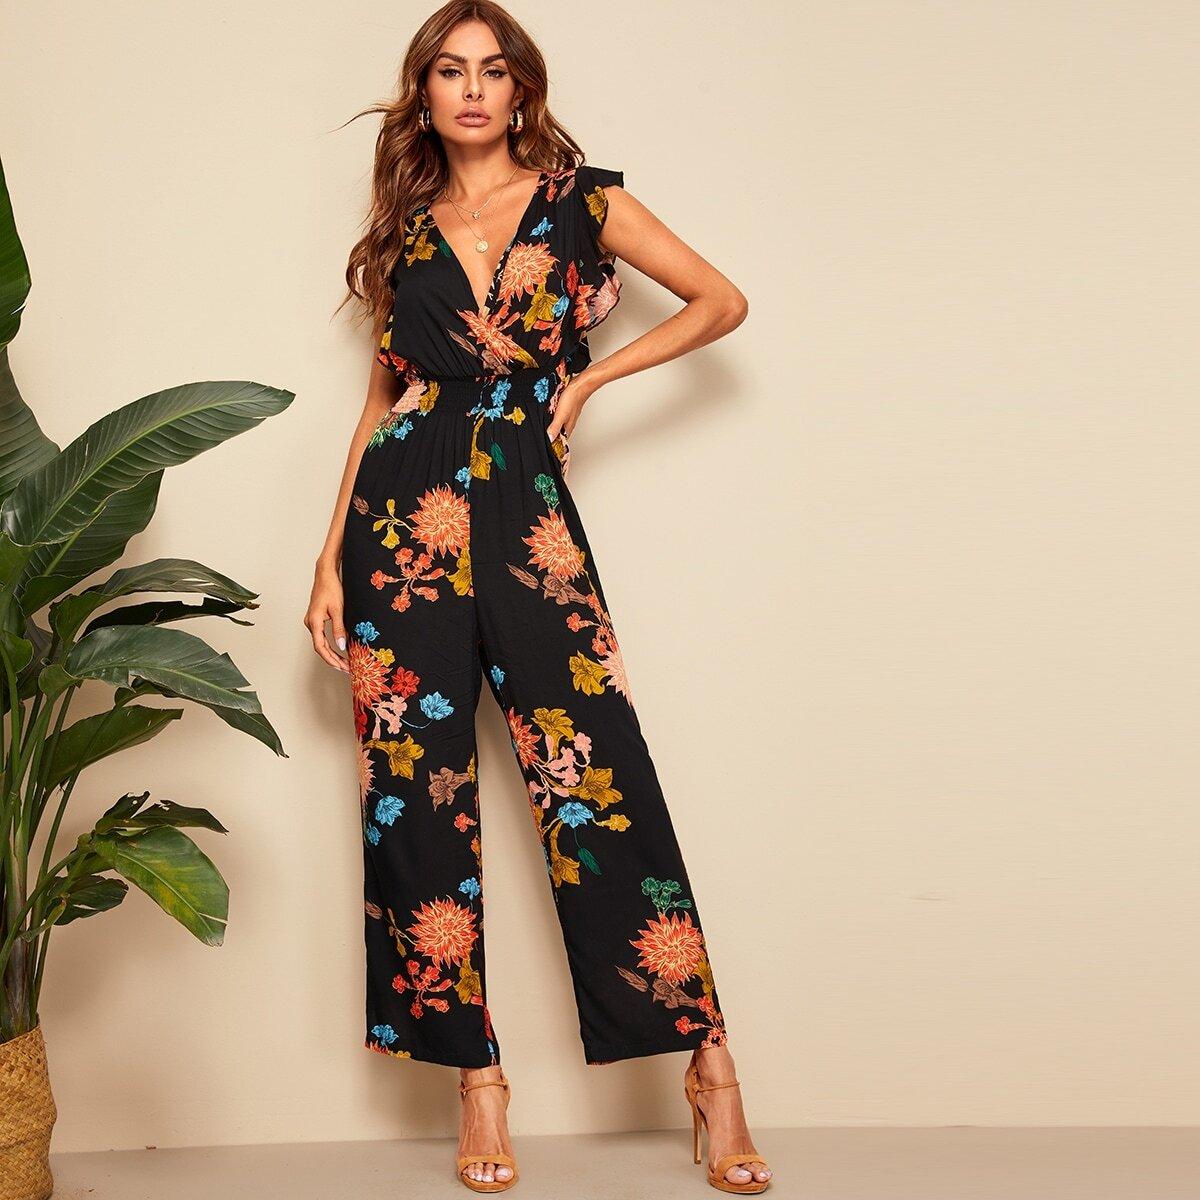 SHEIN coupon: Floral Print Ruffle Trim Surplice Jumpsuit